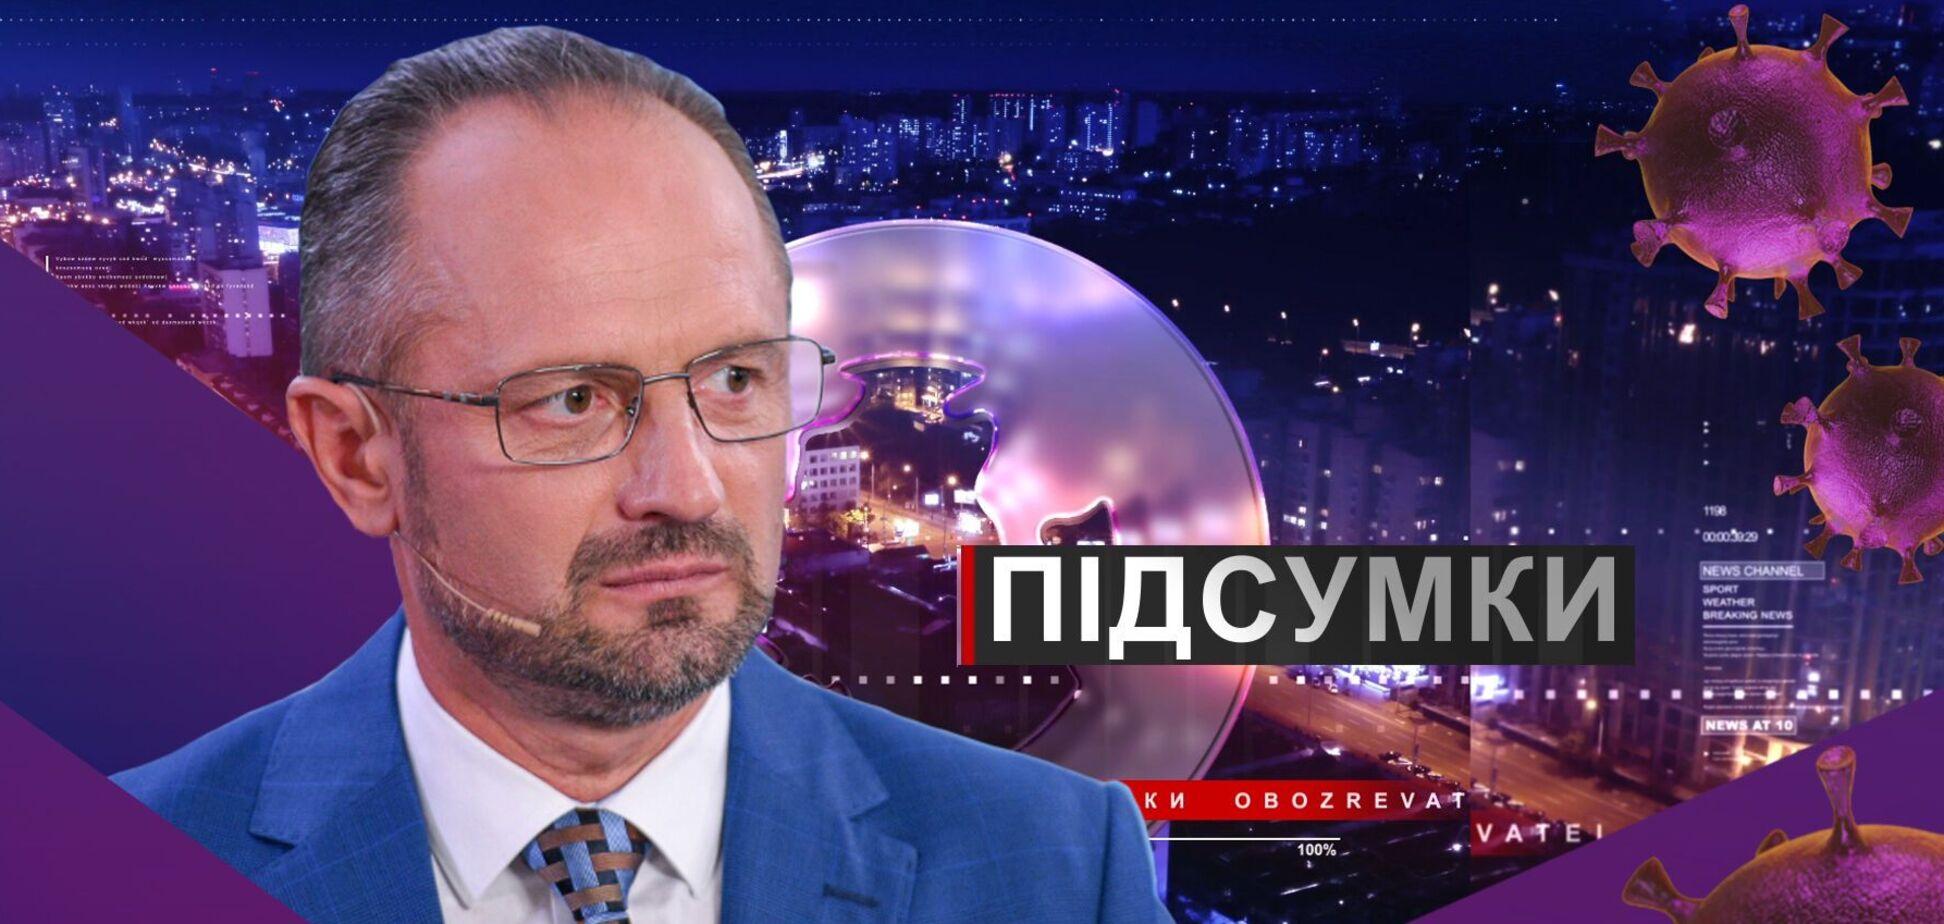 Ситуація на Донбасі. Очікування   Спецефір з Романом Безсмертним